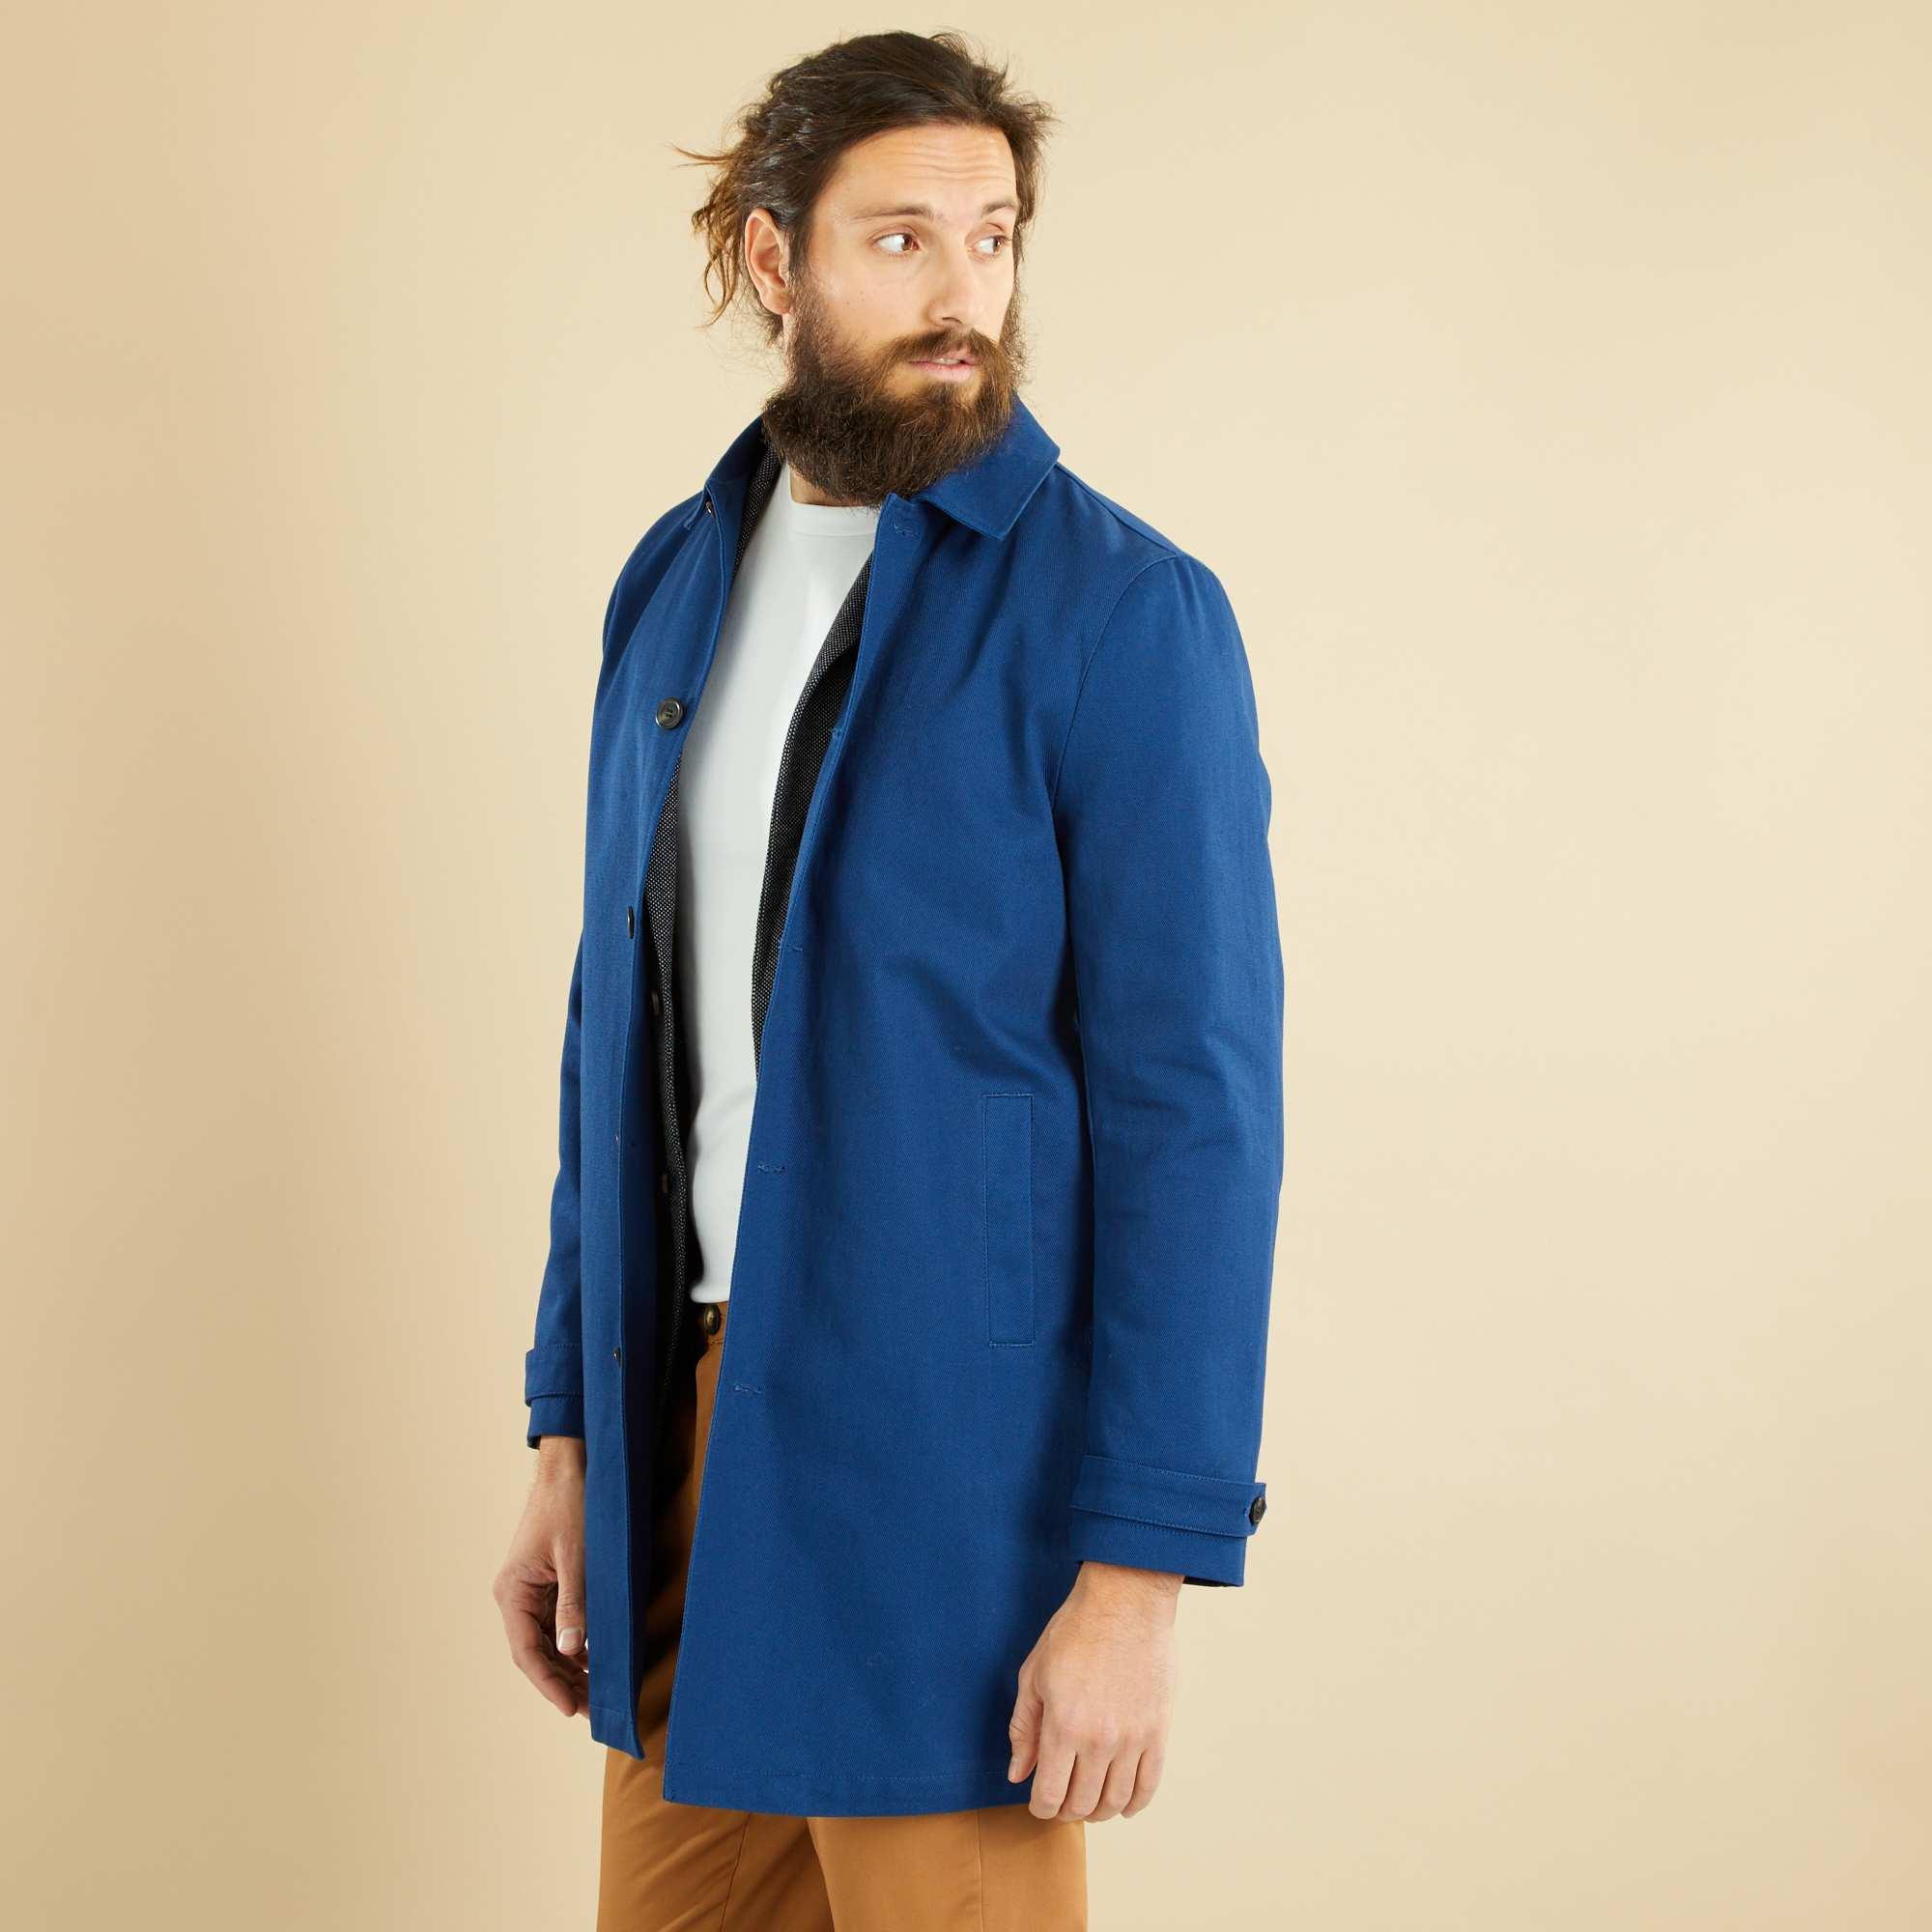 Couleur : bleu, , ,, - Taille : XL, , ,,Avec sa coupe droite et son beau twill de coton épais, ce manteau est un indispensable